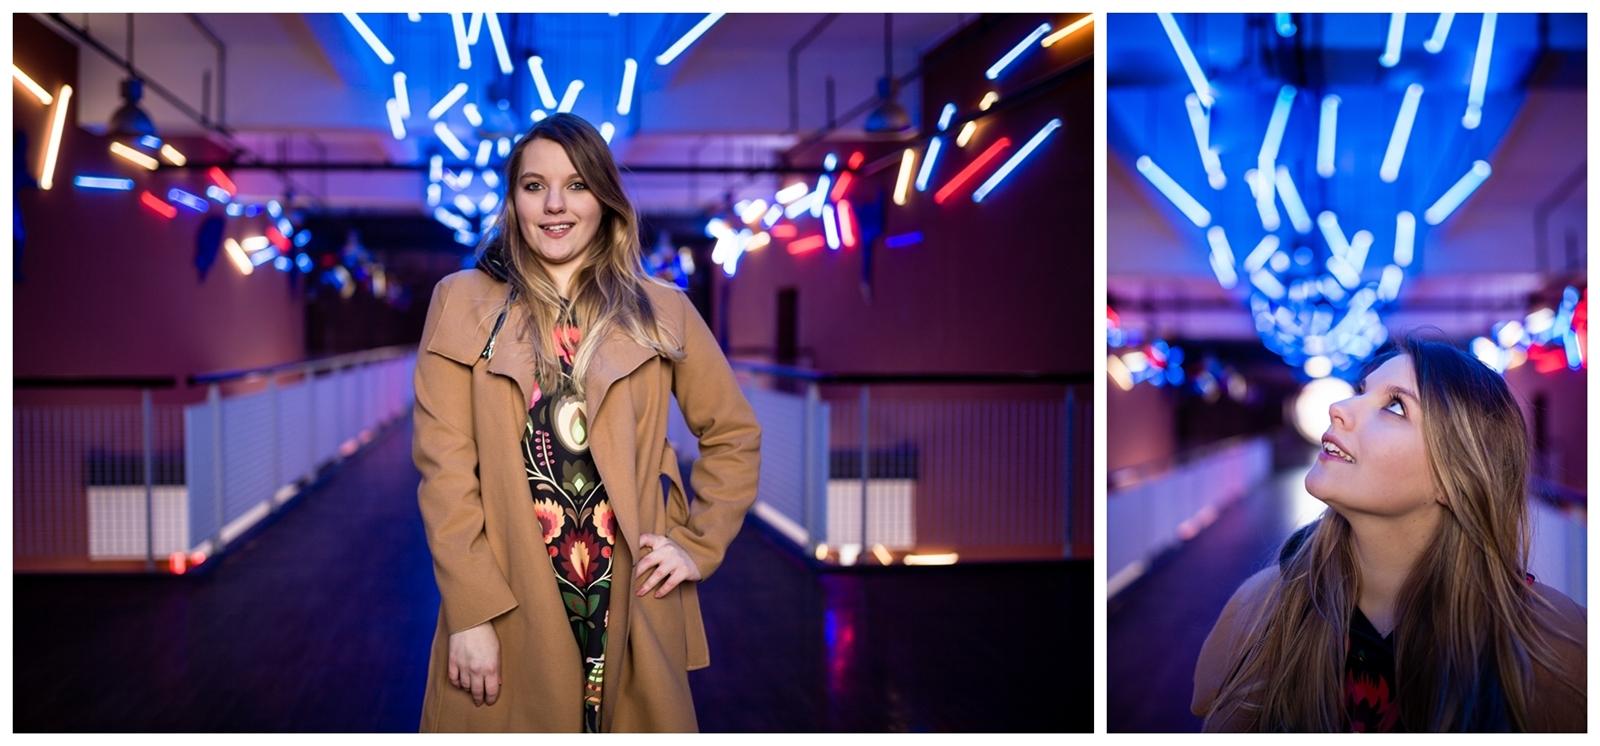 4 folk by koko recenzje opinie jakość sukienka bluza z motywem łowickim kodra folkowe ubrania motywy eleganckie folkowe dodatki kodra łowicka góralskie róże stylizacja polska blogerka łódź moda melodylaniella